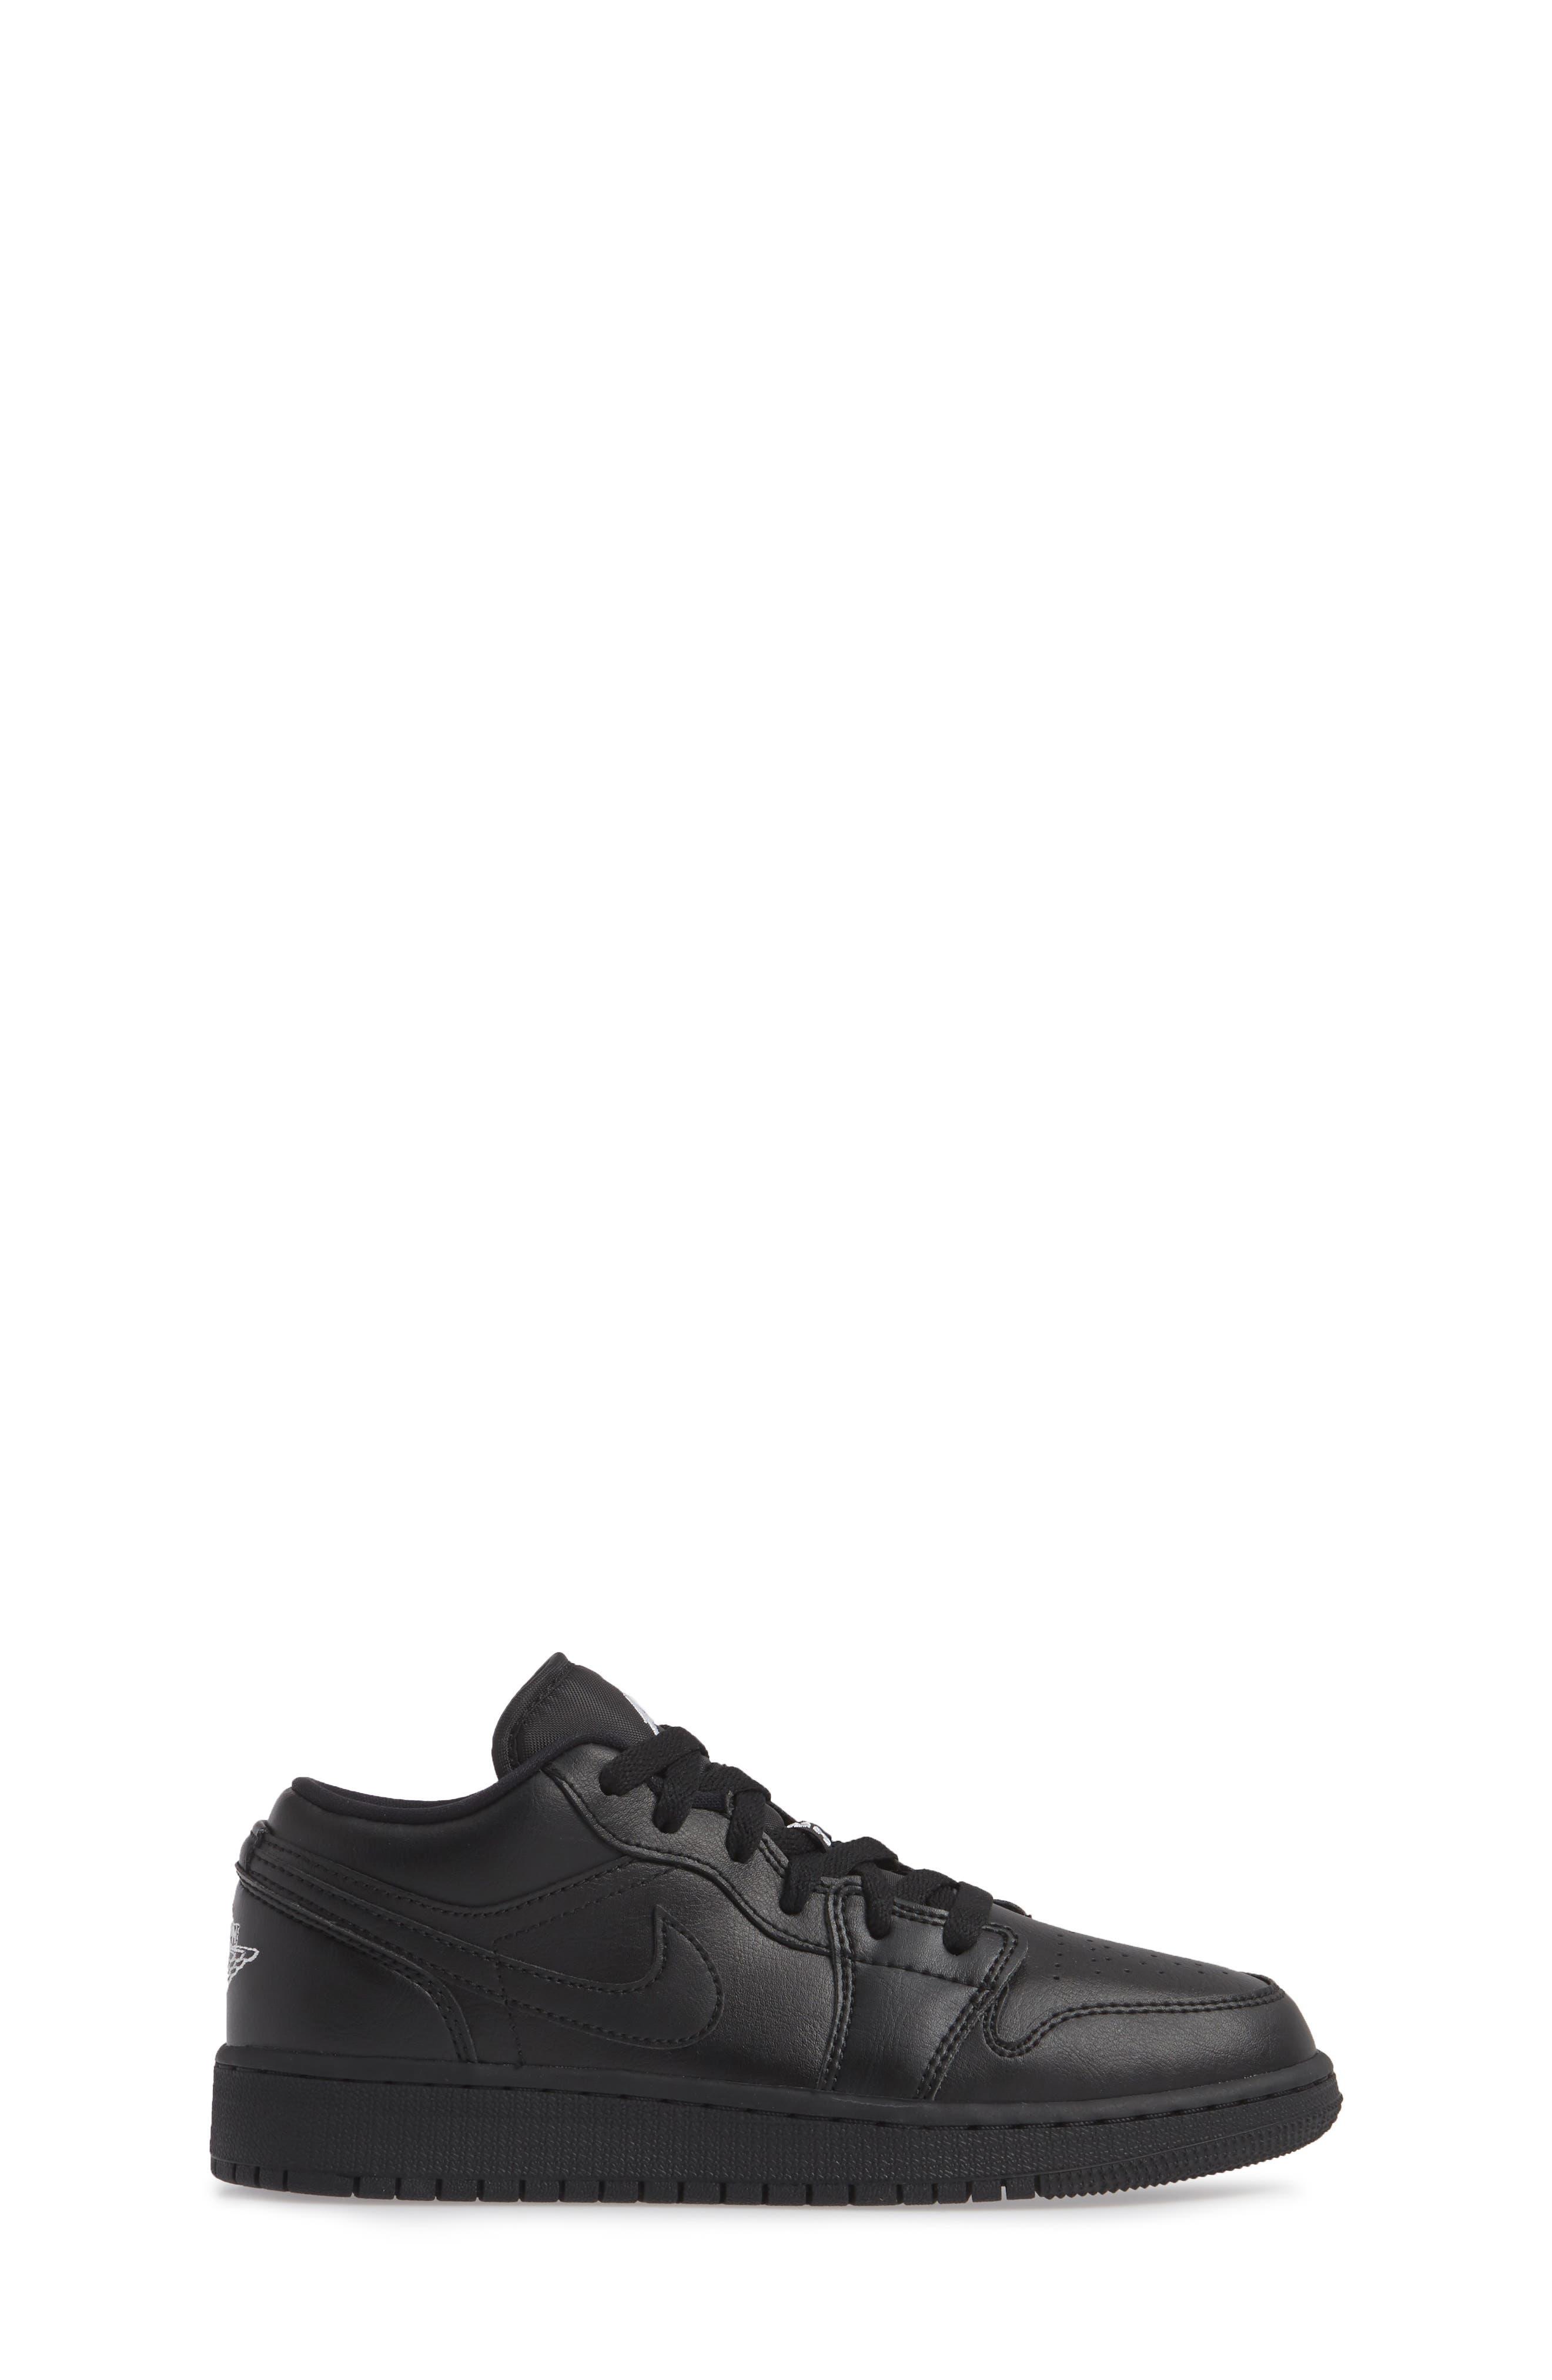 JORDAN, Nike 'Air Jordan 1 Low' Sneaker, Alternate thumbnail 3, color, BLACK/ WHITE/ BLACK